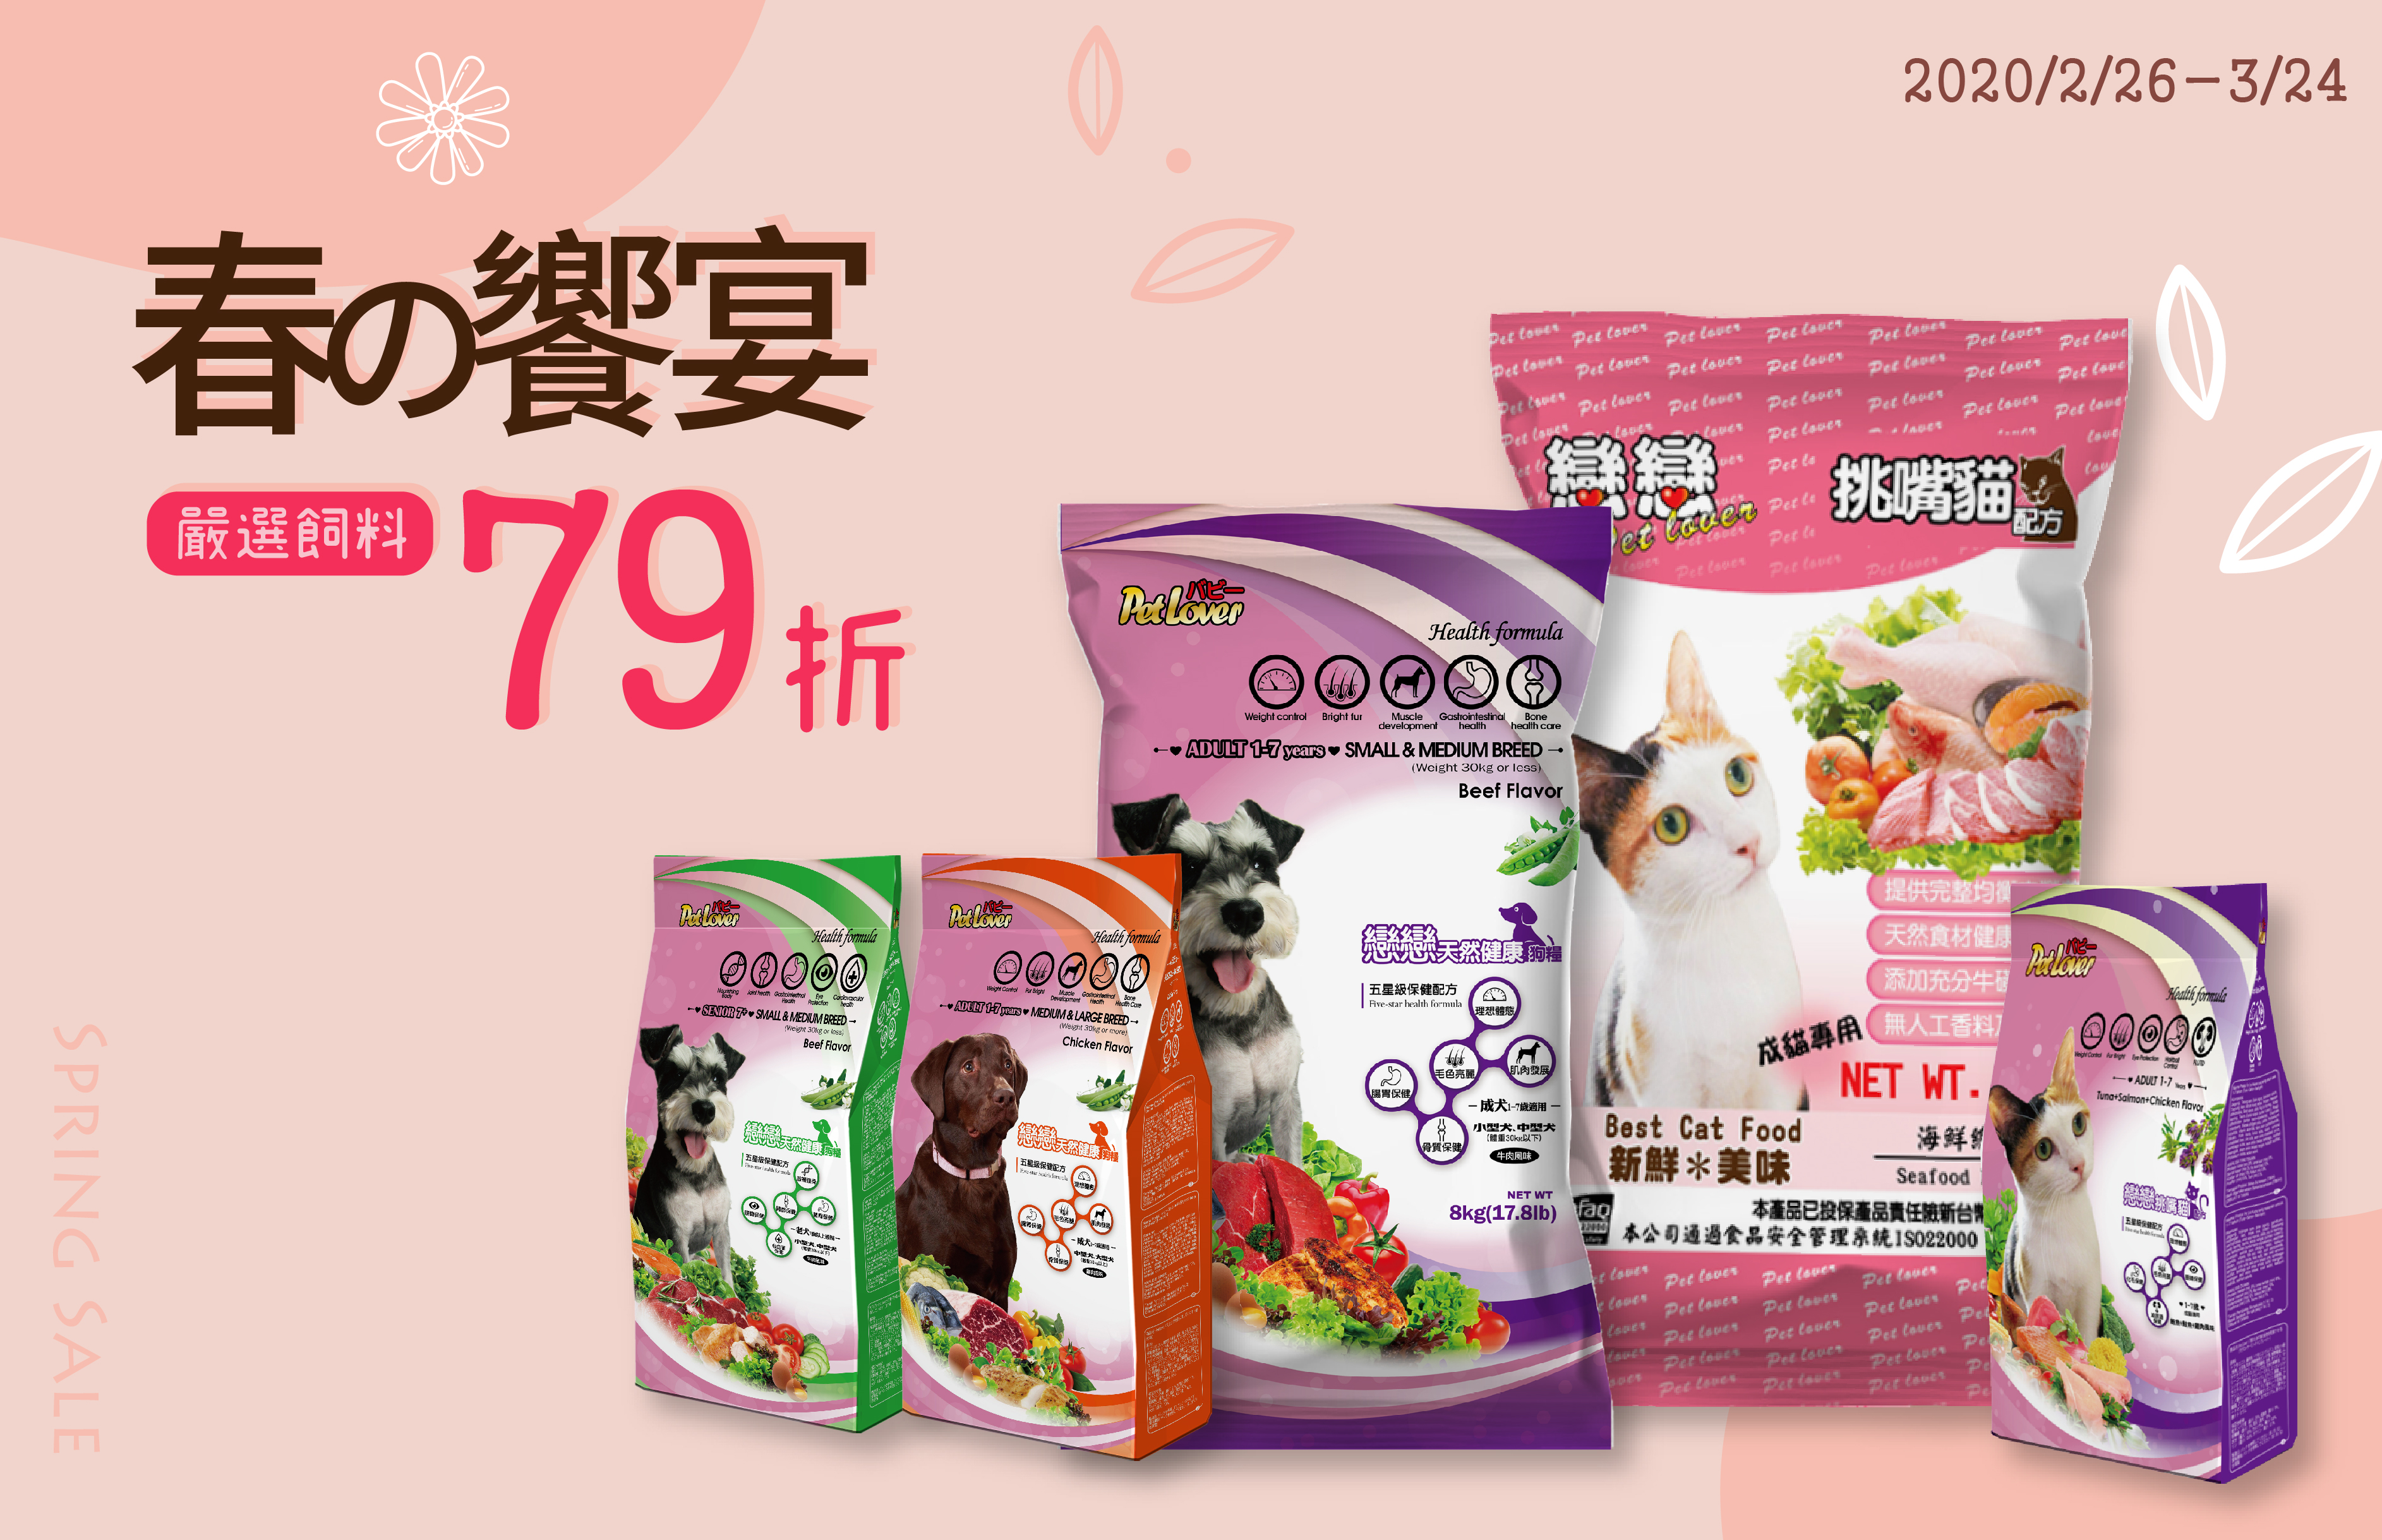 寵物飼料促銷~春之嚴選貓&狗飼料 限時特價79折 消費滿額送寵物電熱毯